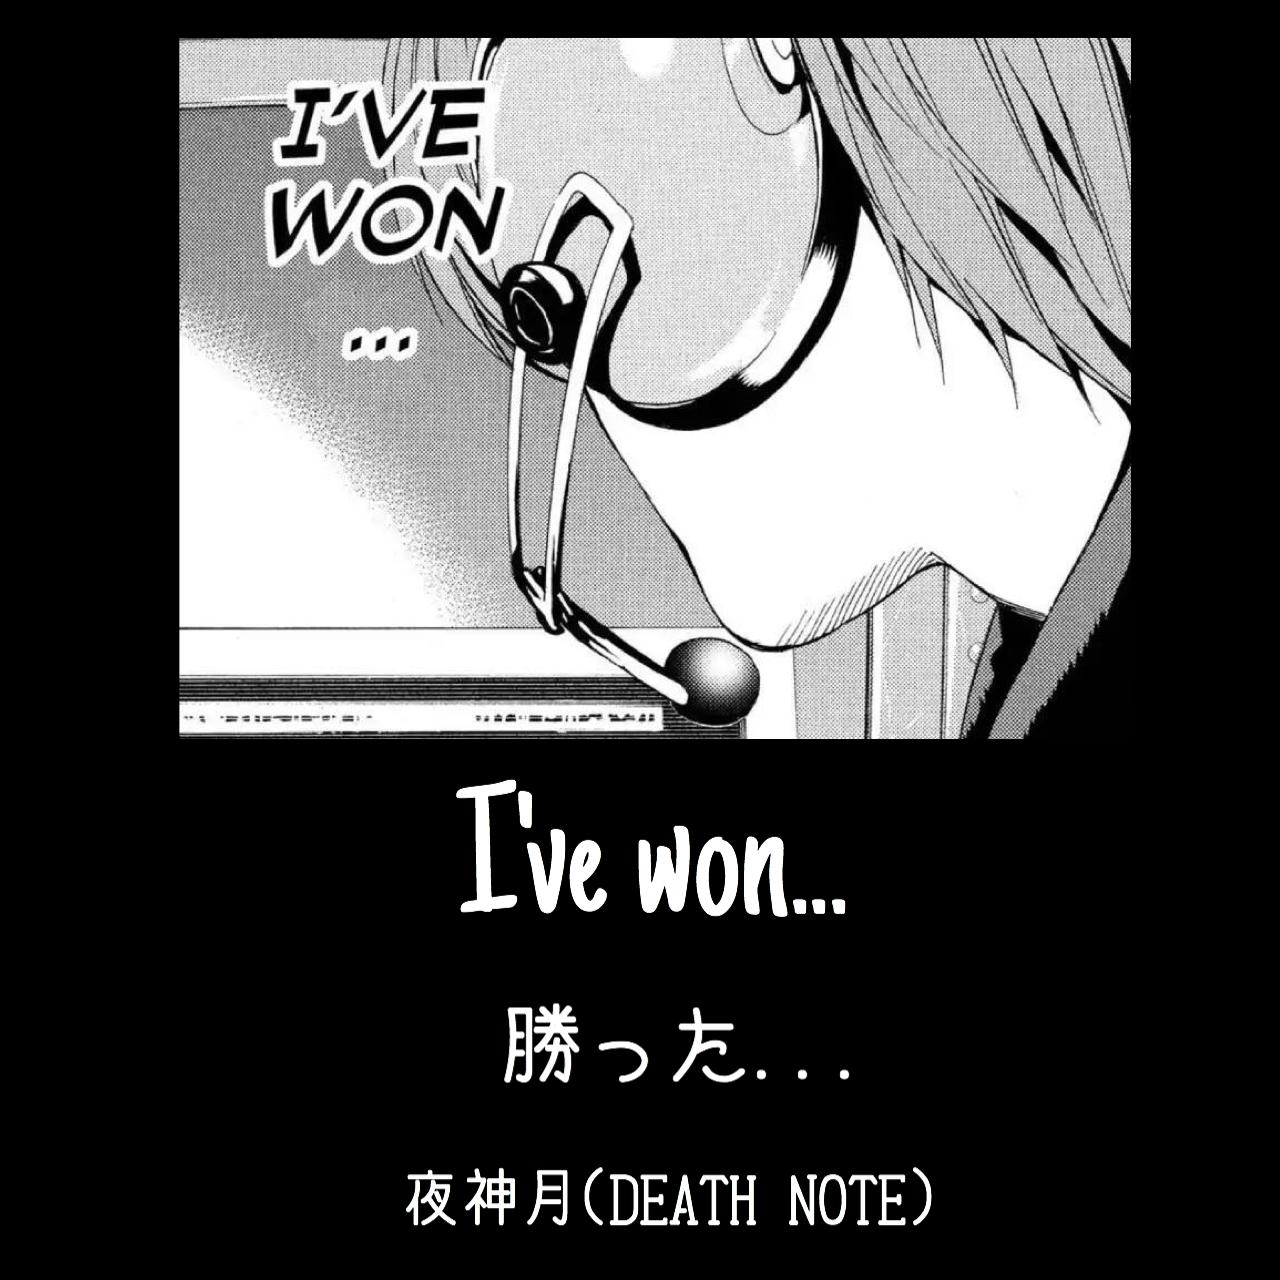 勝った... / 夜神月(DEATH NOTE)